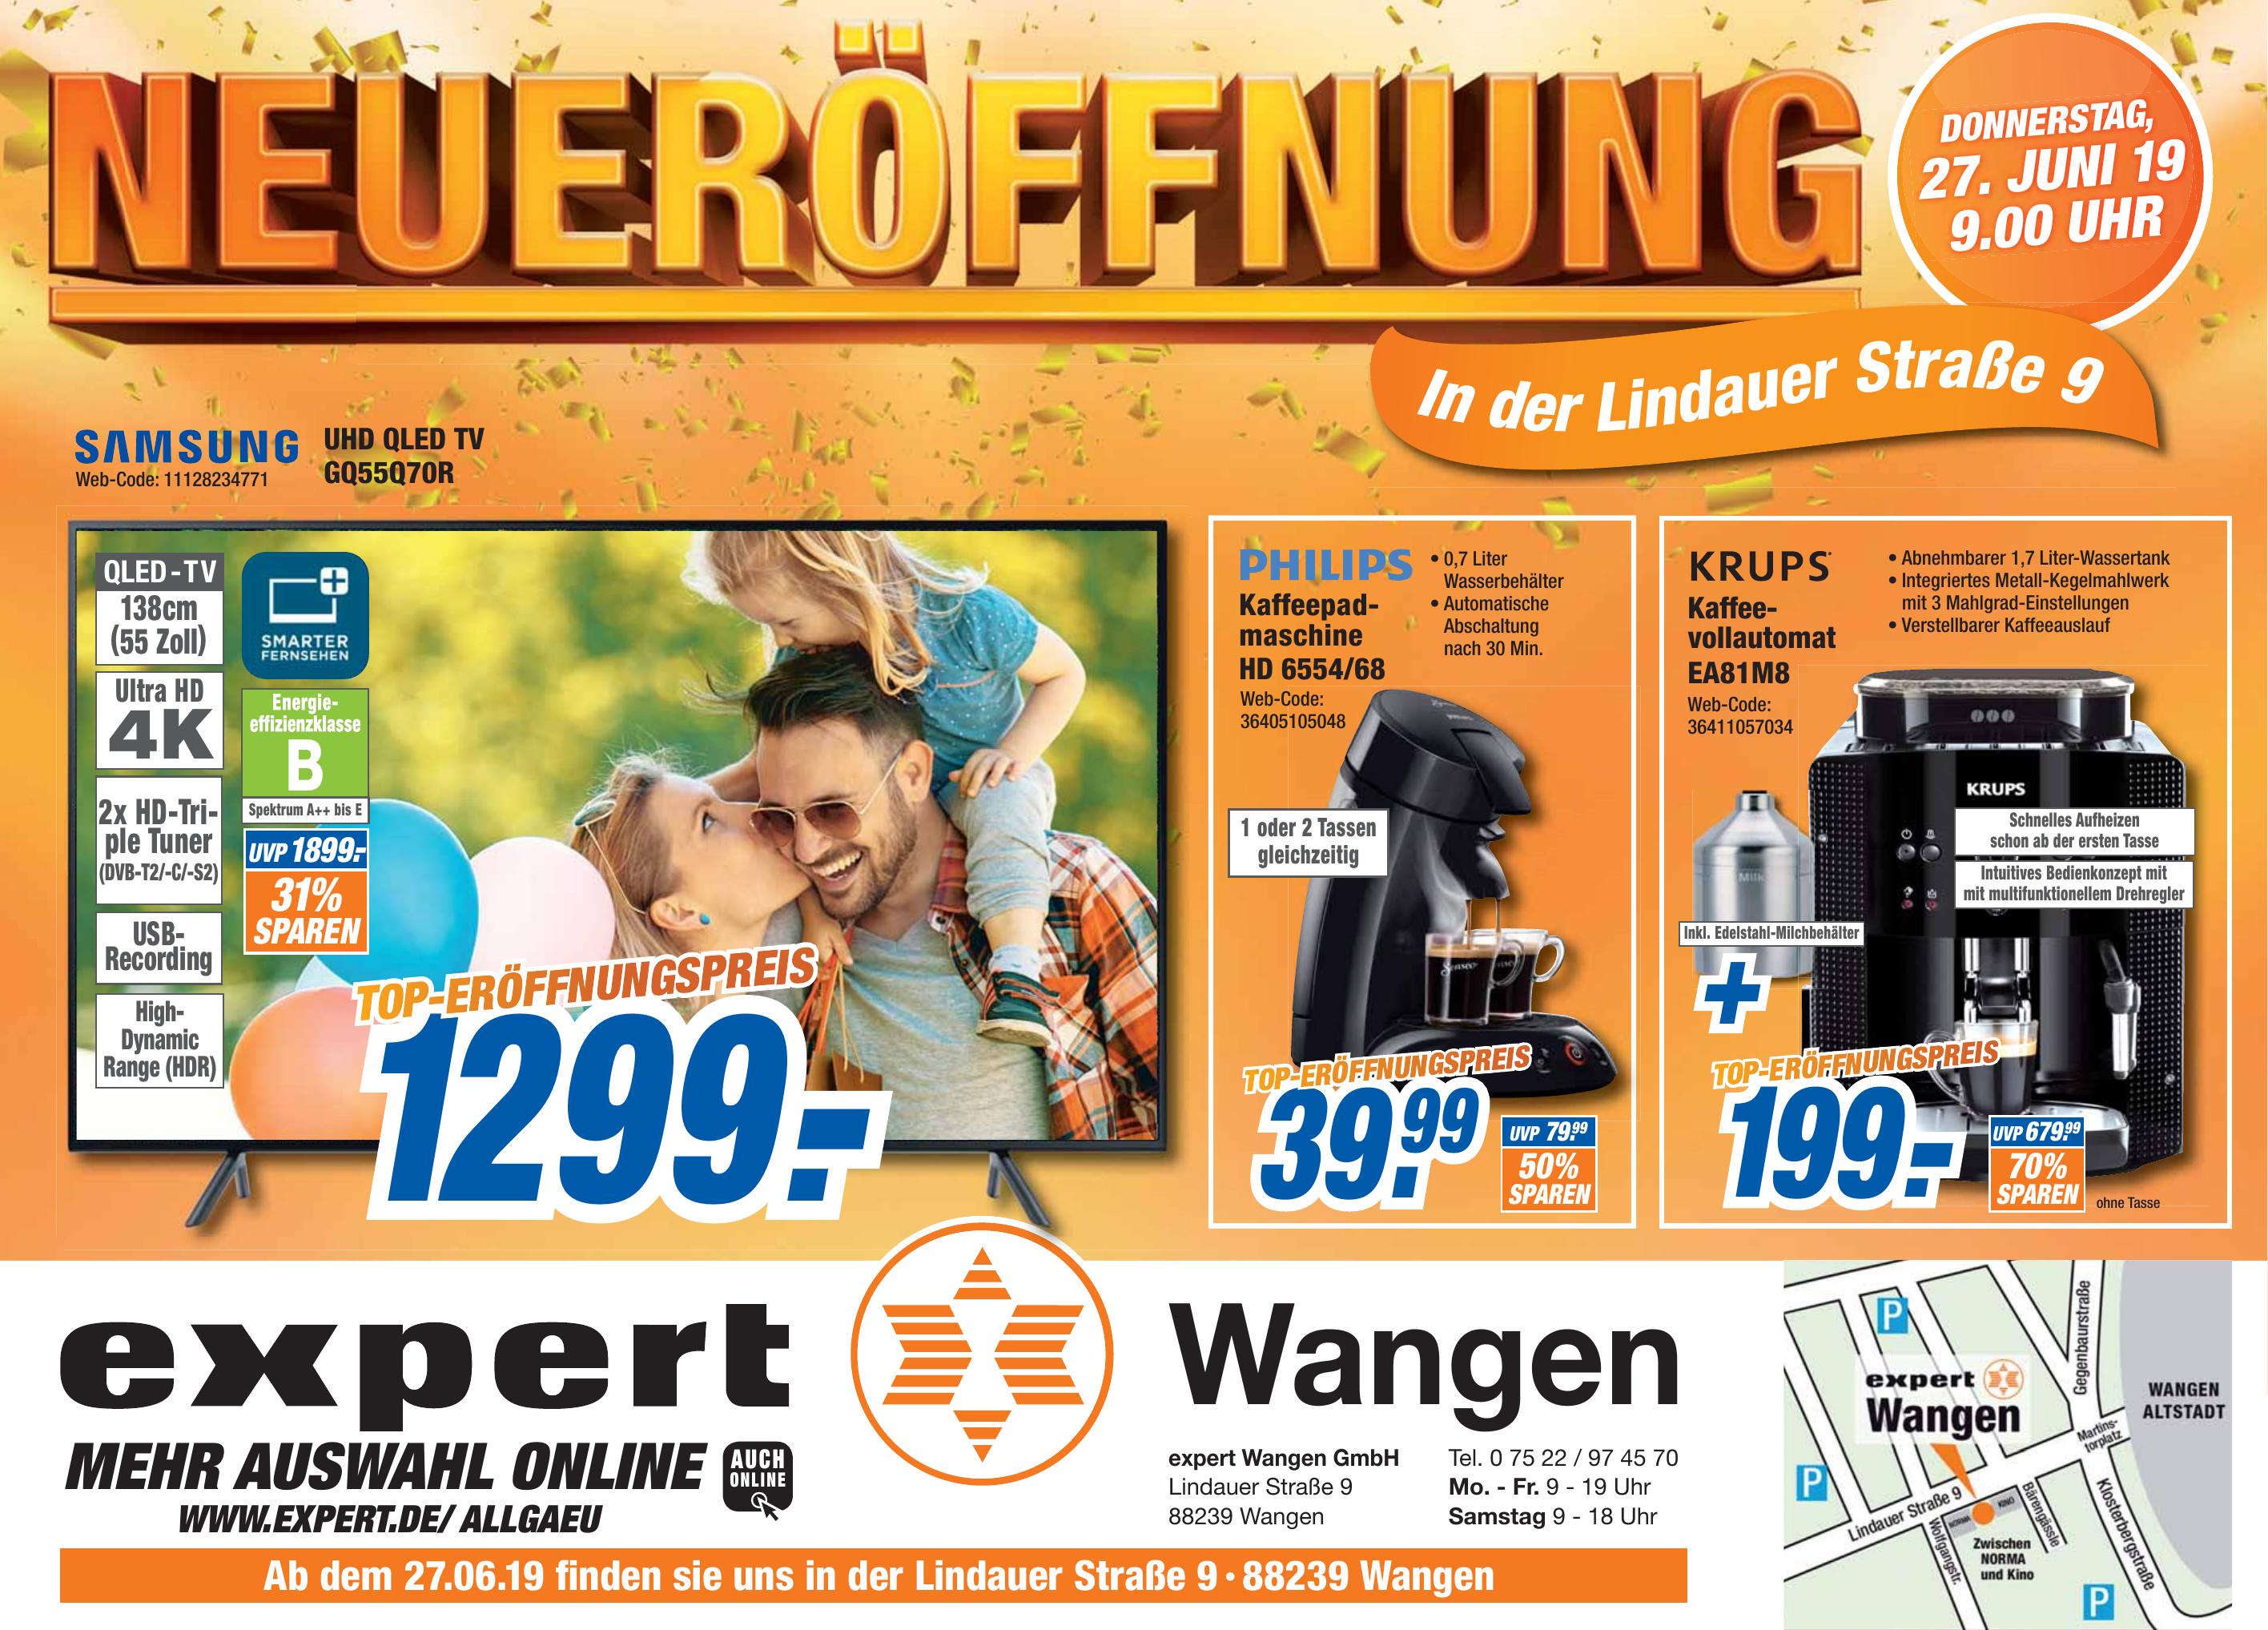 expert Wangen GmbH